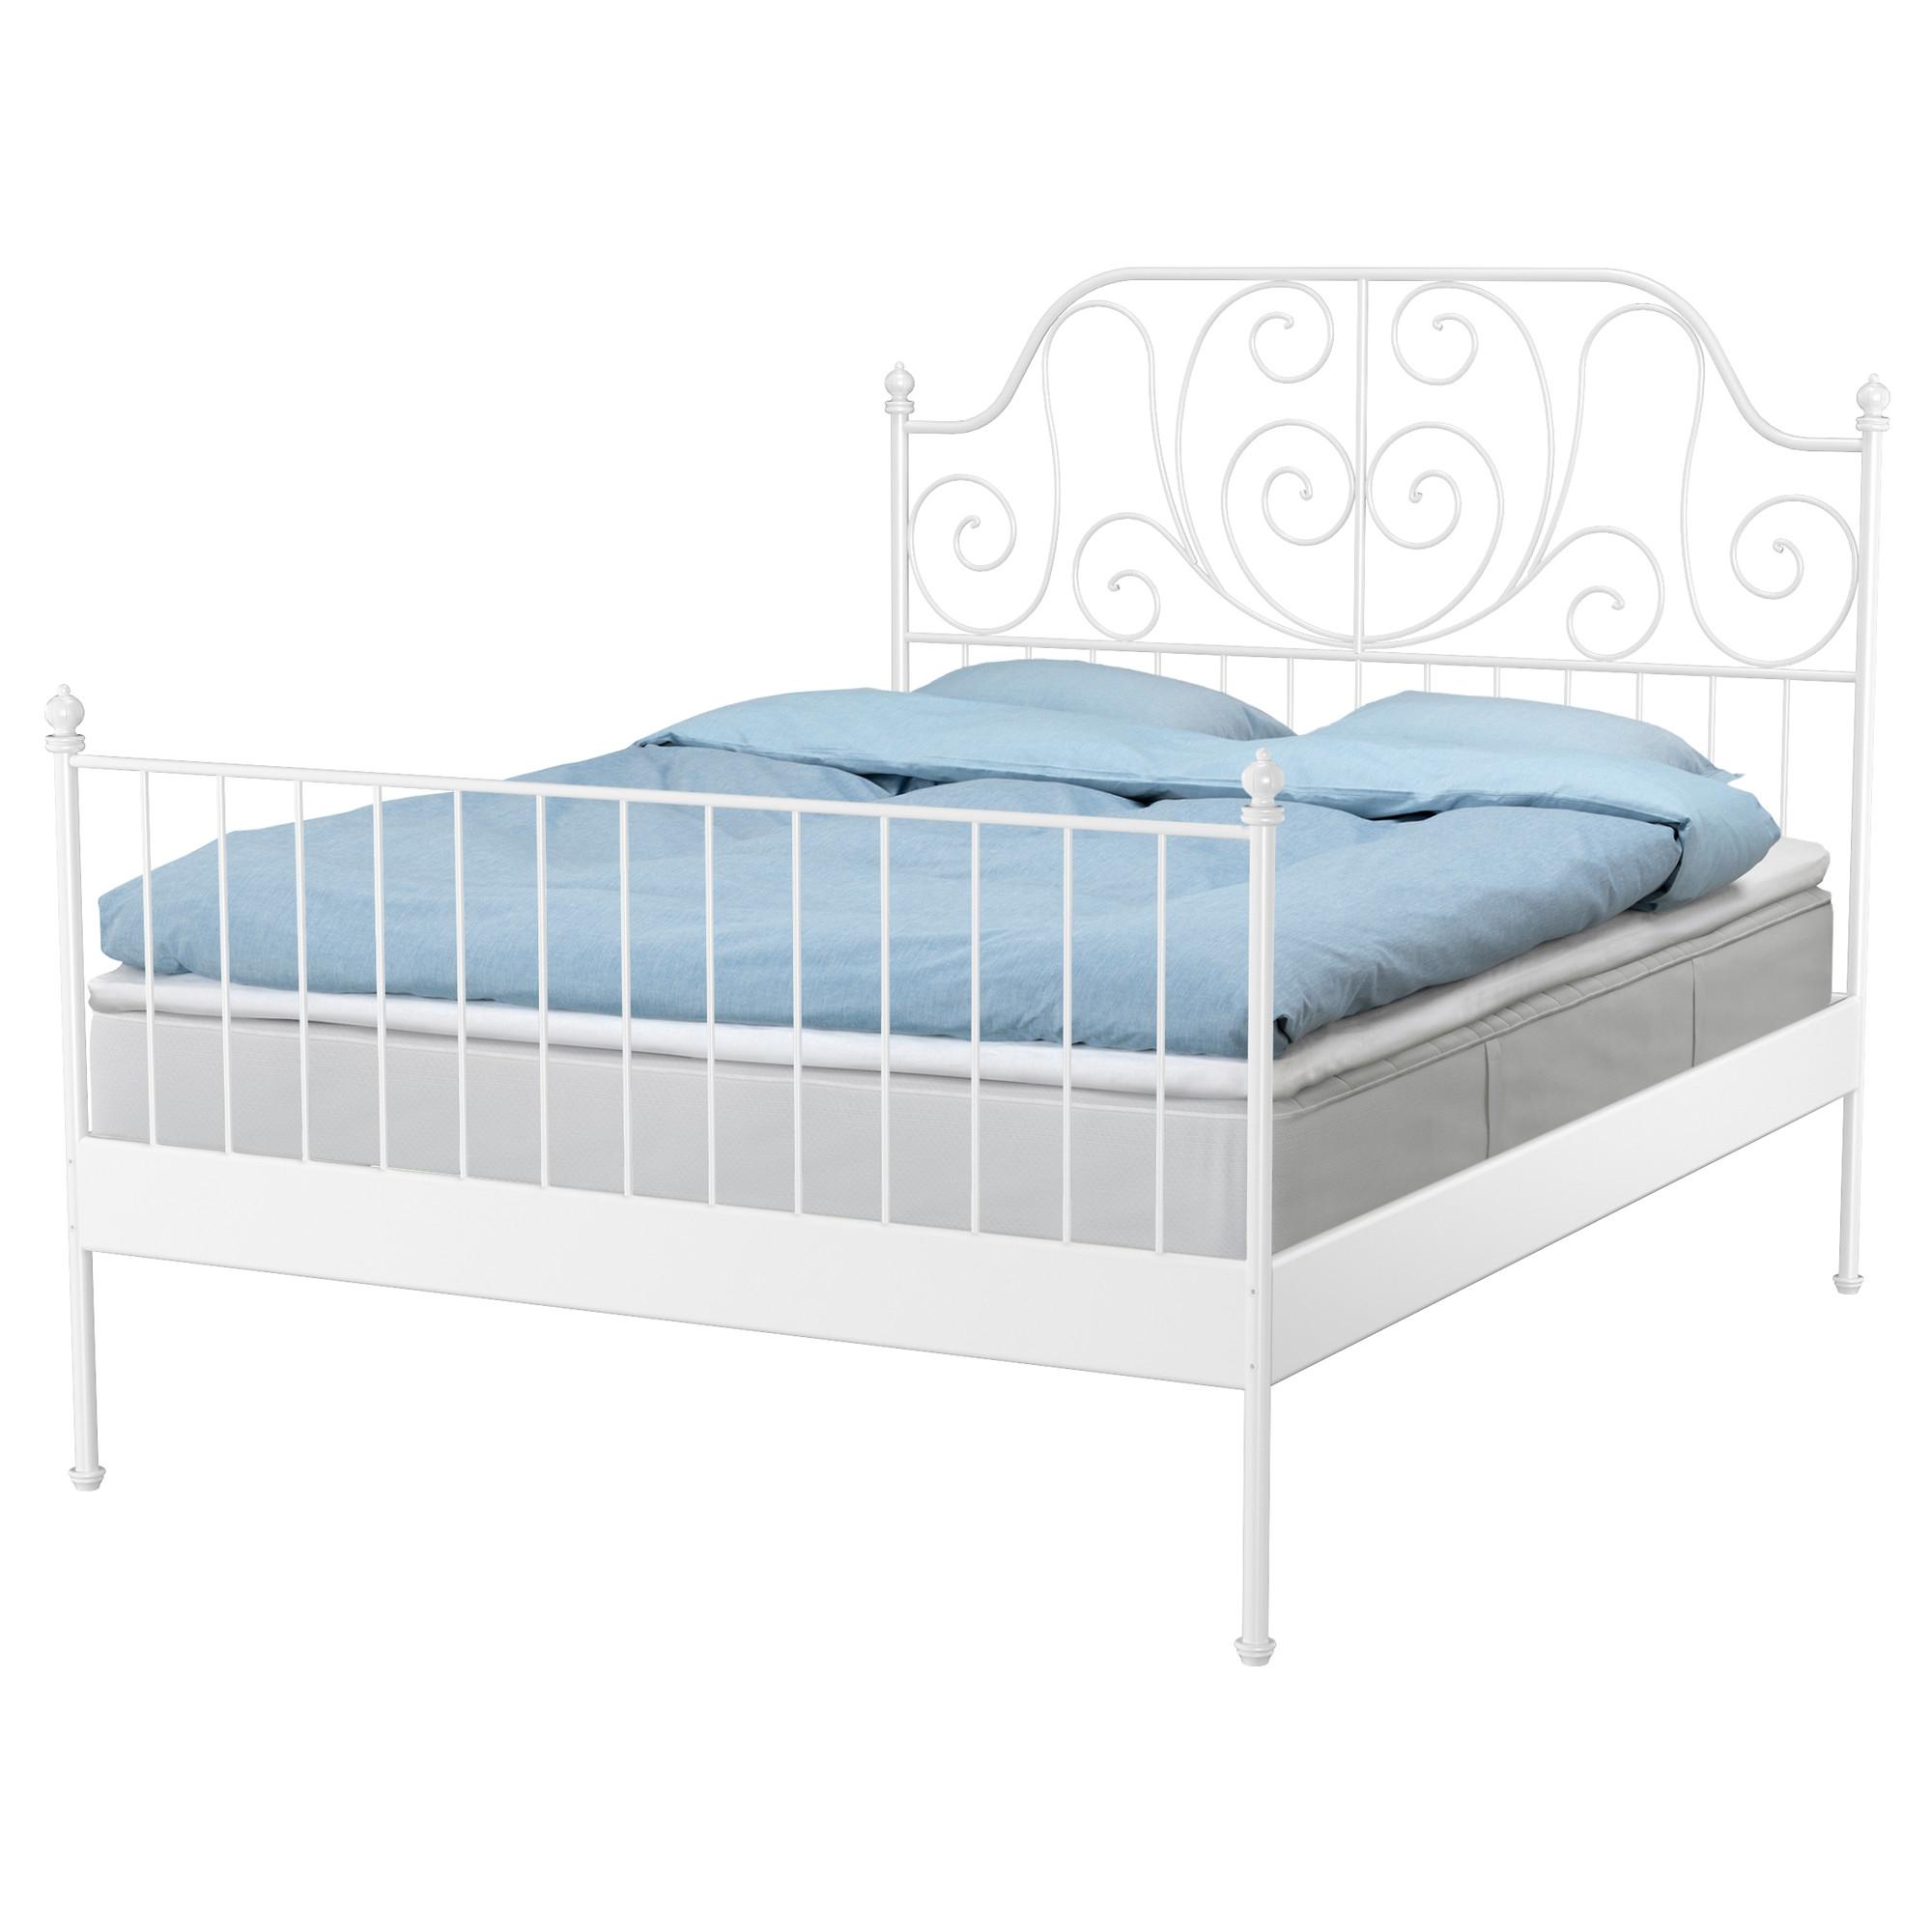 LEIRVIK cabecero/pies para cama 140